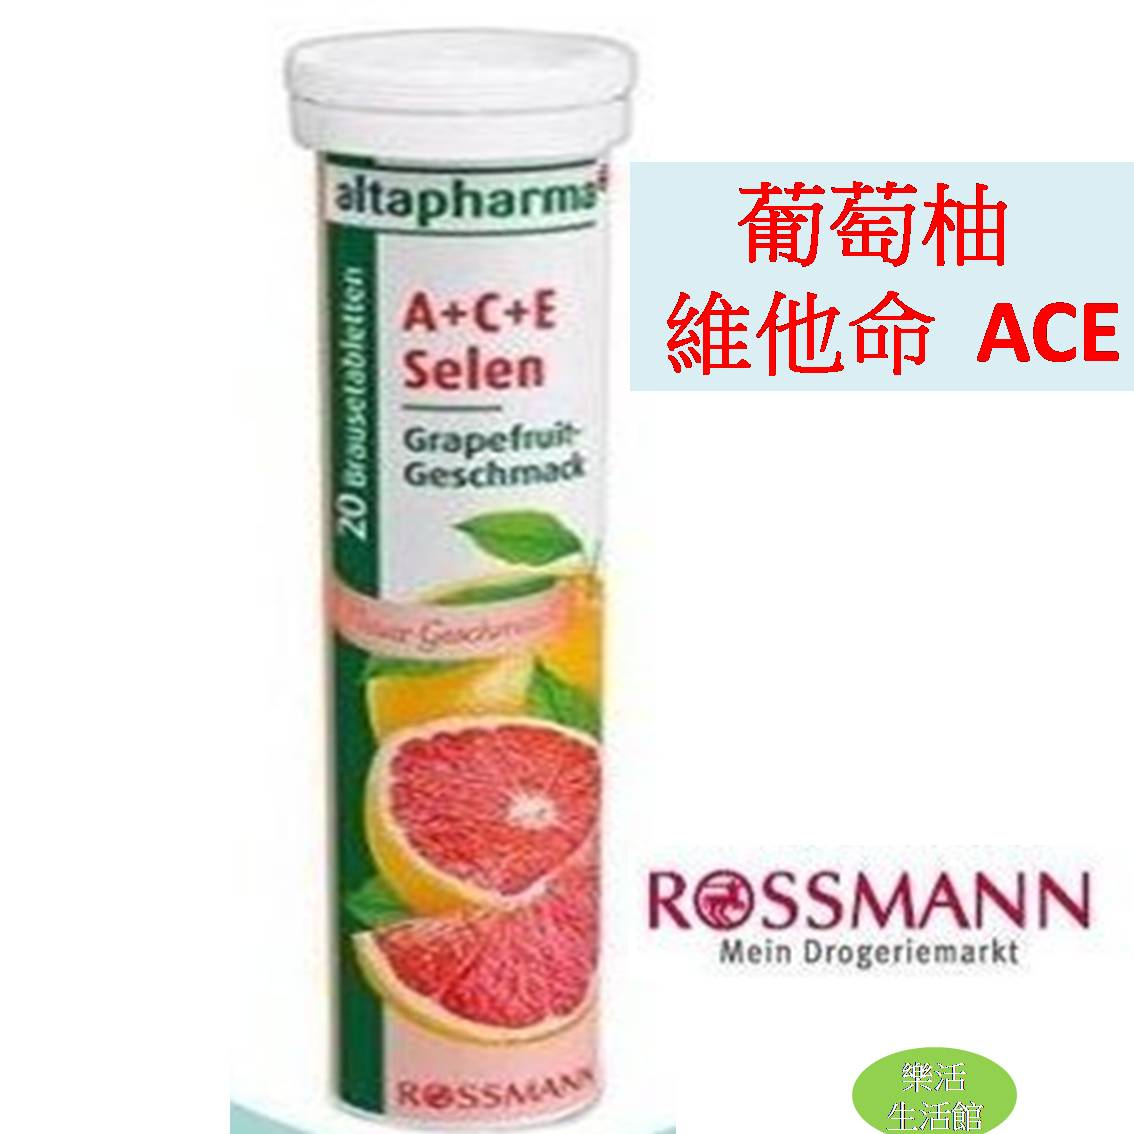 德國 ROSSMANN 發泡錠 維生素 A+C+E (葡萄柚) 20錠【樂活生活館】